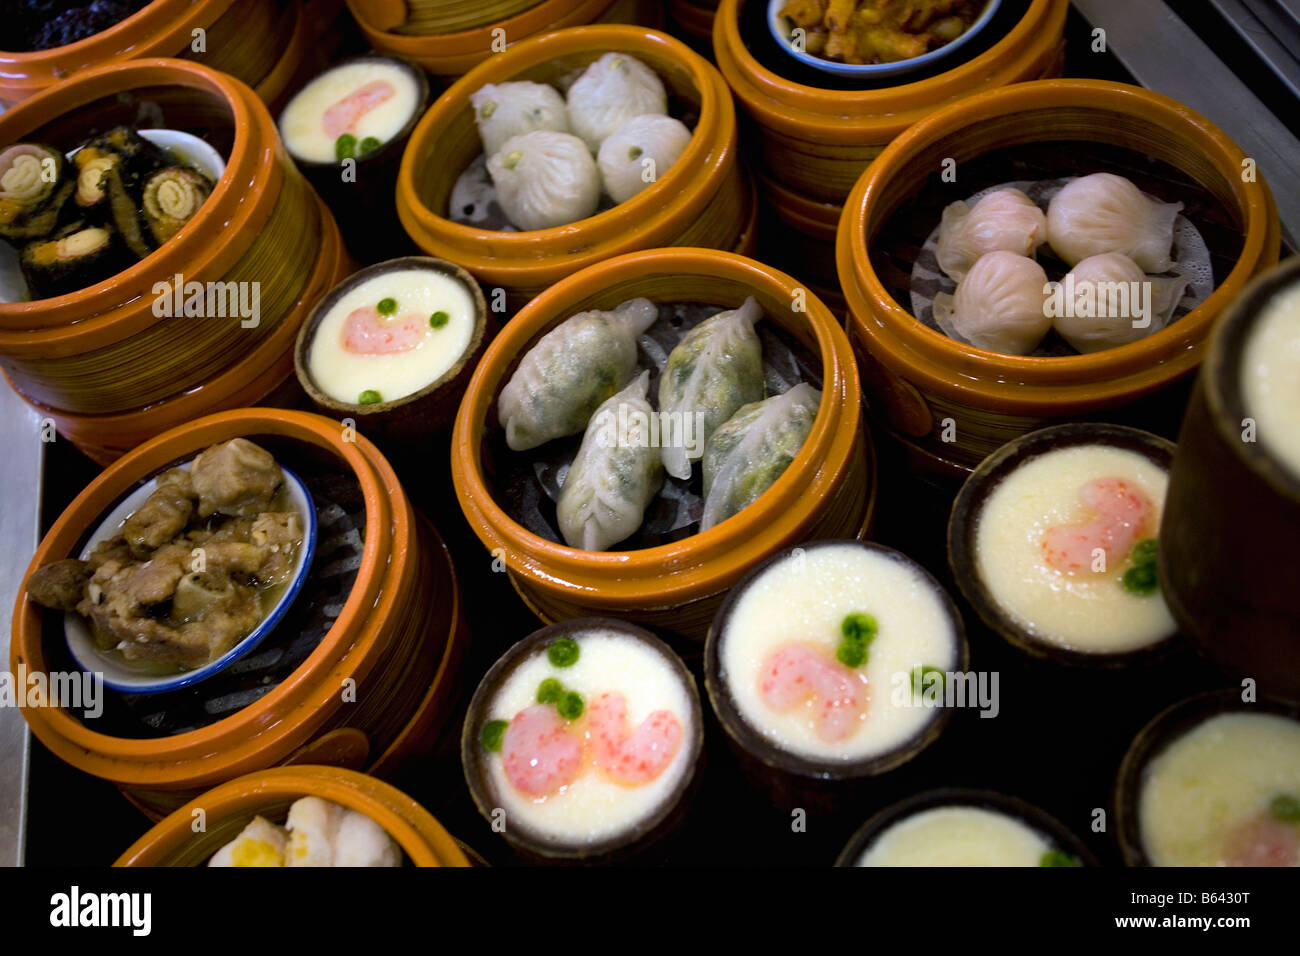 Chine, Shanghai, vapeur dim sum (raviolis chinois ou dans des paniers vapeur). Photo Stock